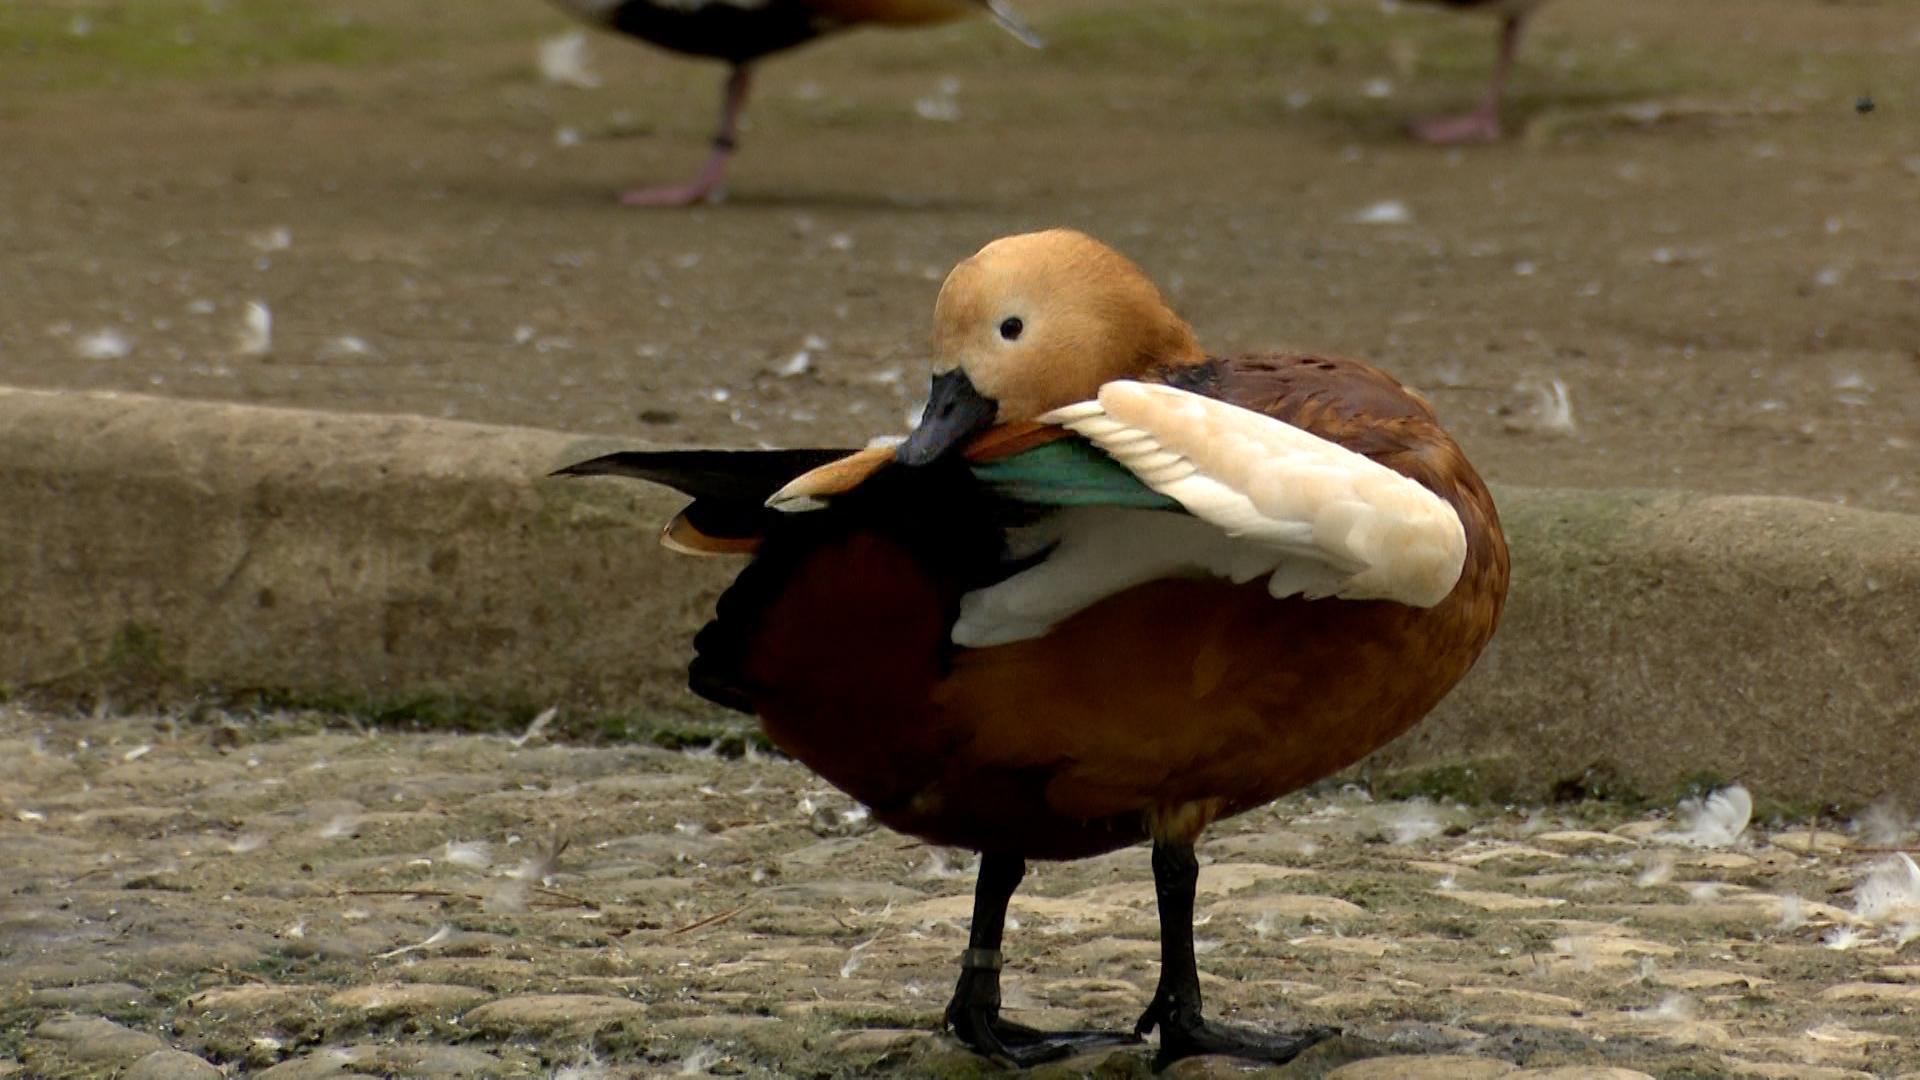 ეგზოტიკური და იშვიათი სახეობის ფრინველებში 25 ათასი ლარი დაიხარჯა